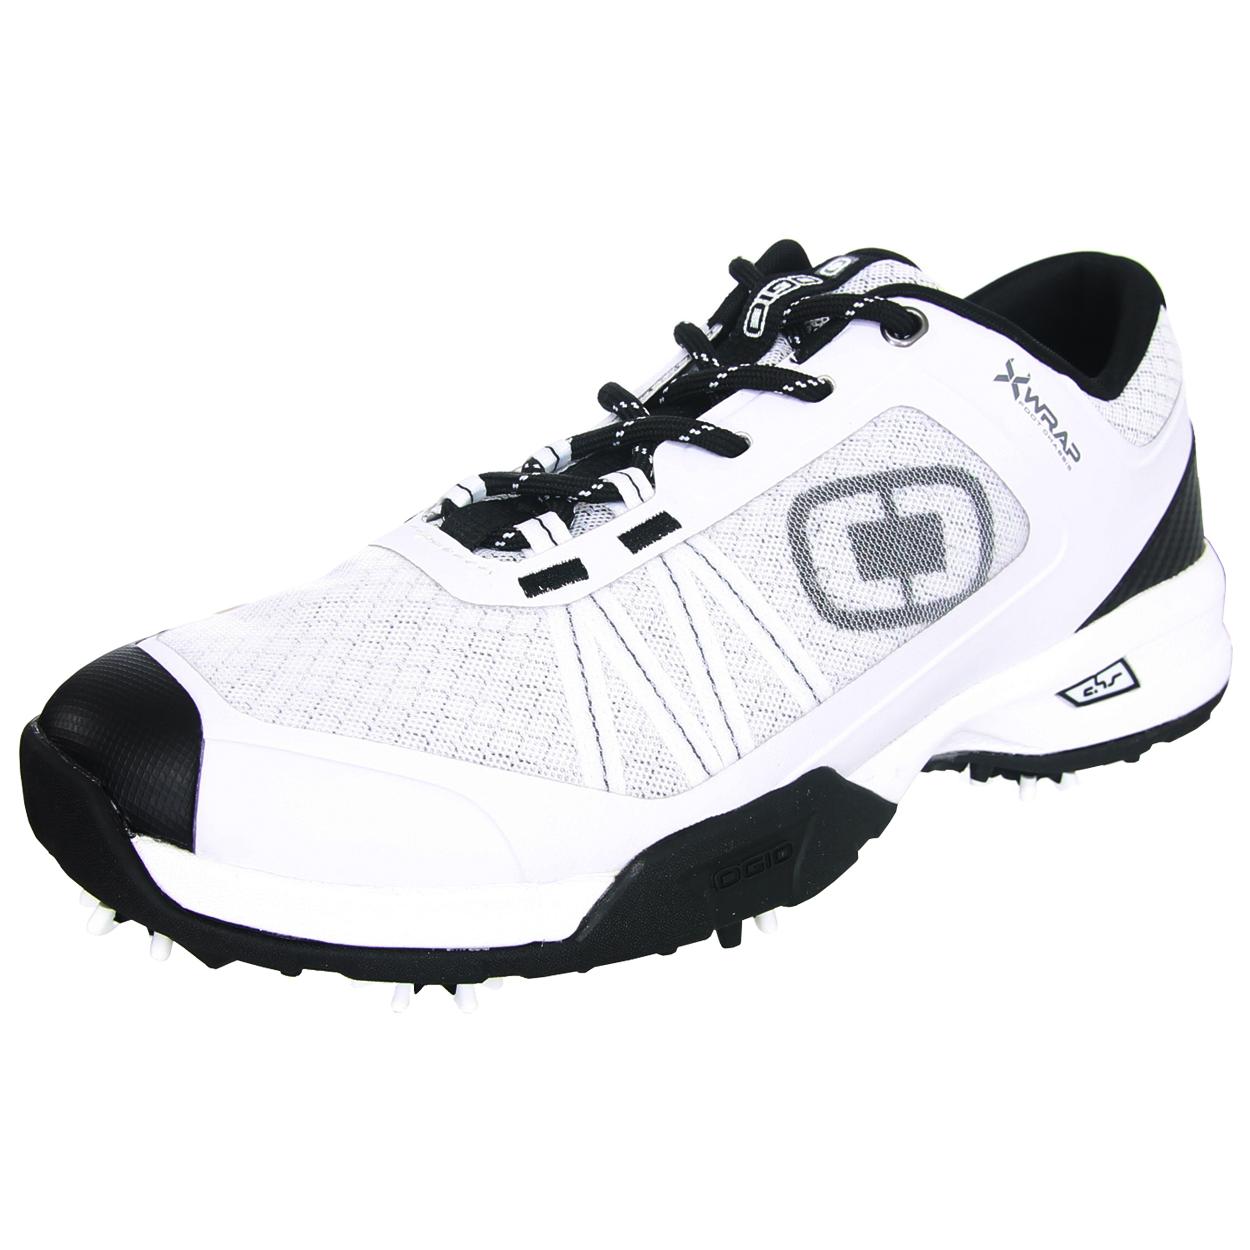 Zapatos de golf Ogio deportivos 1